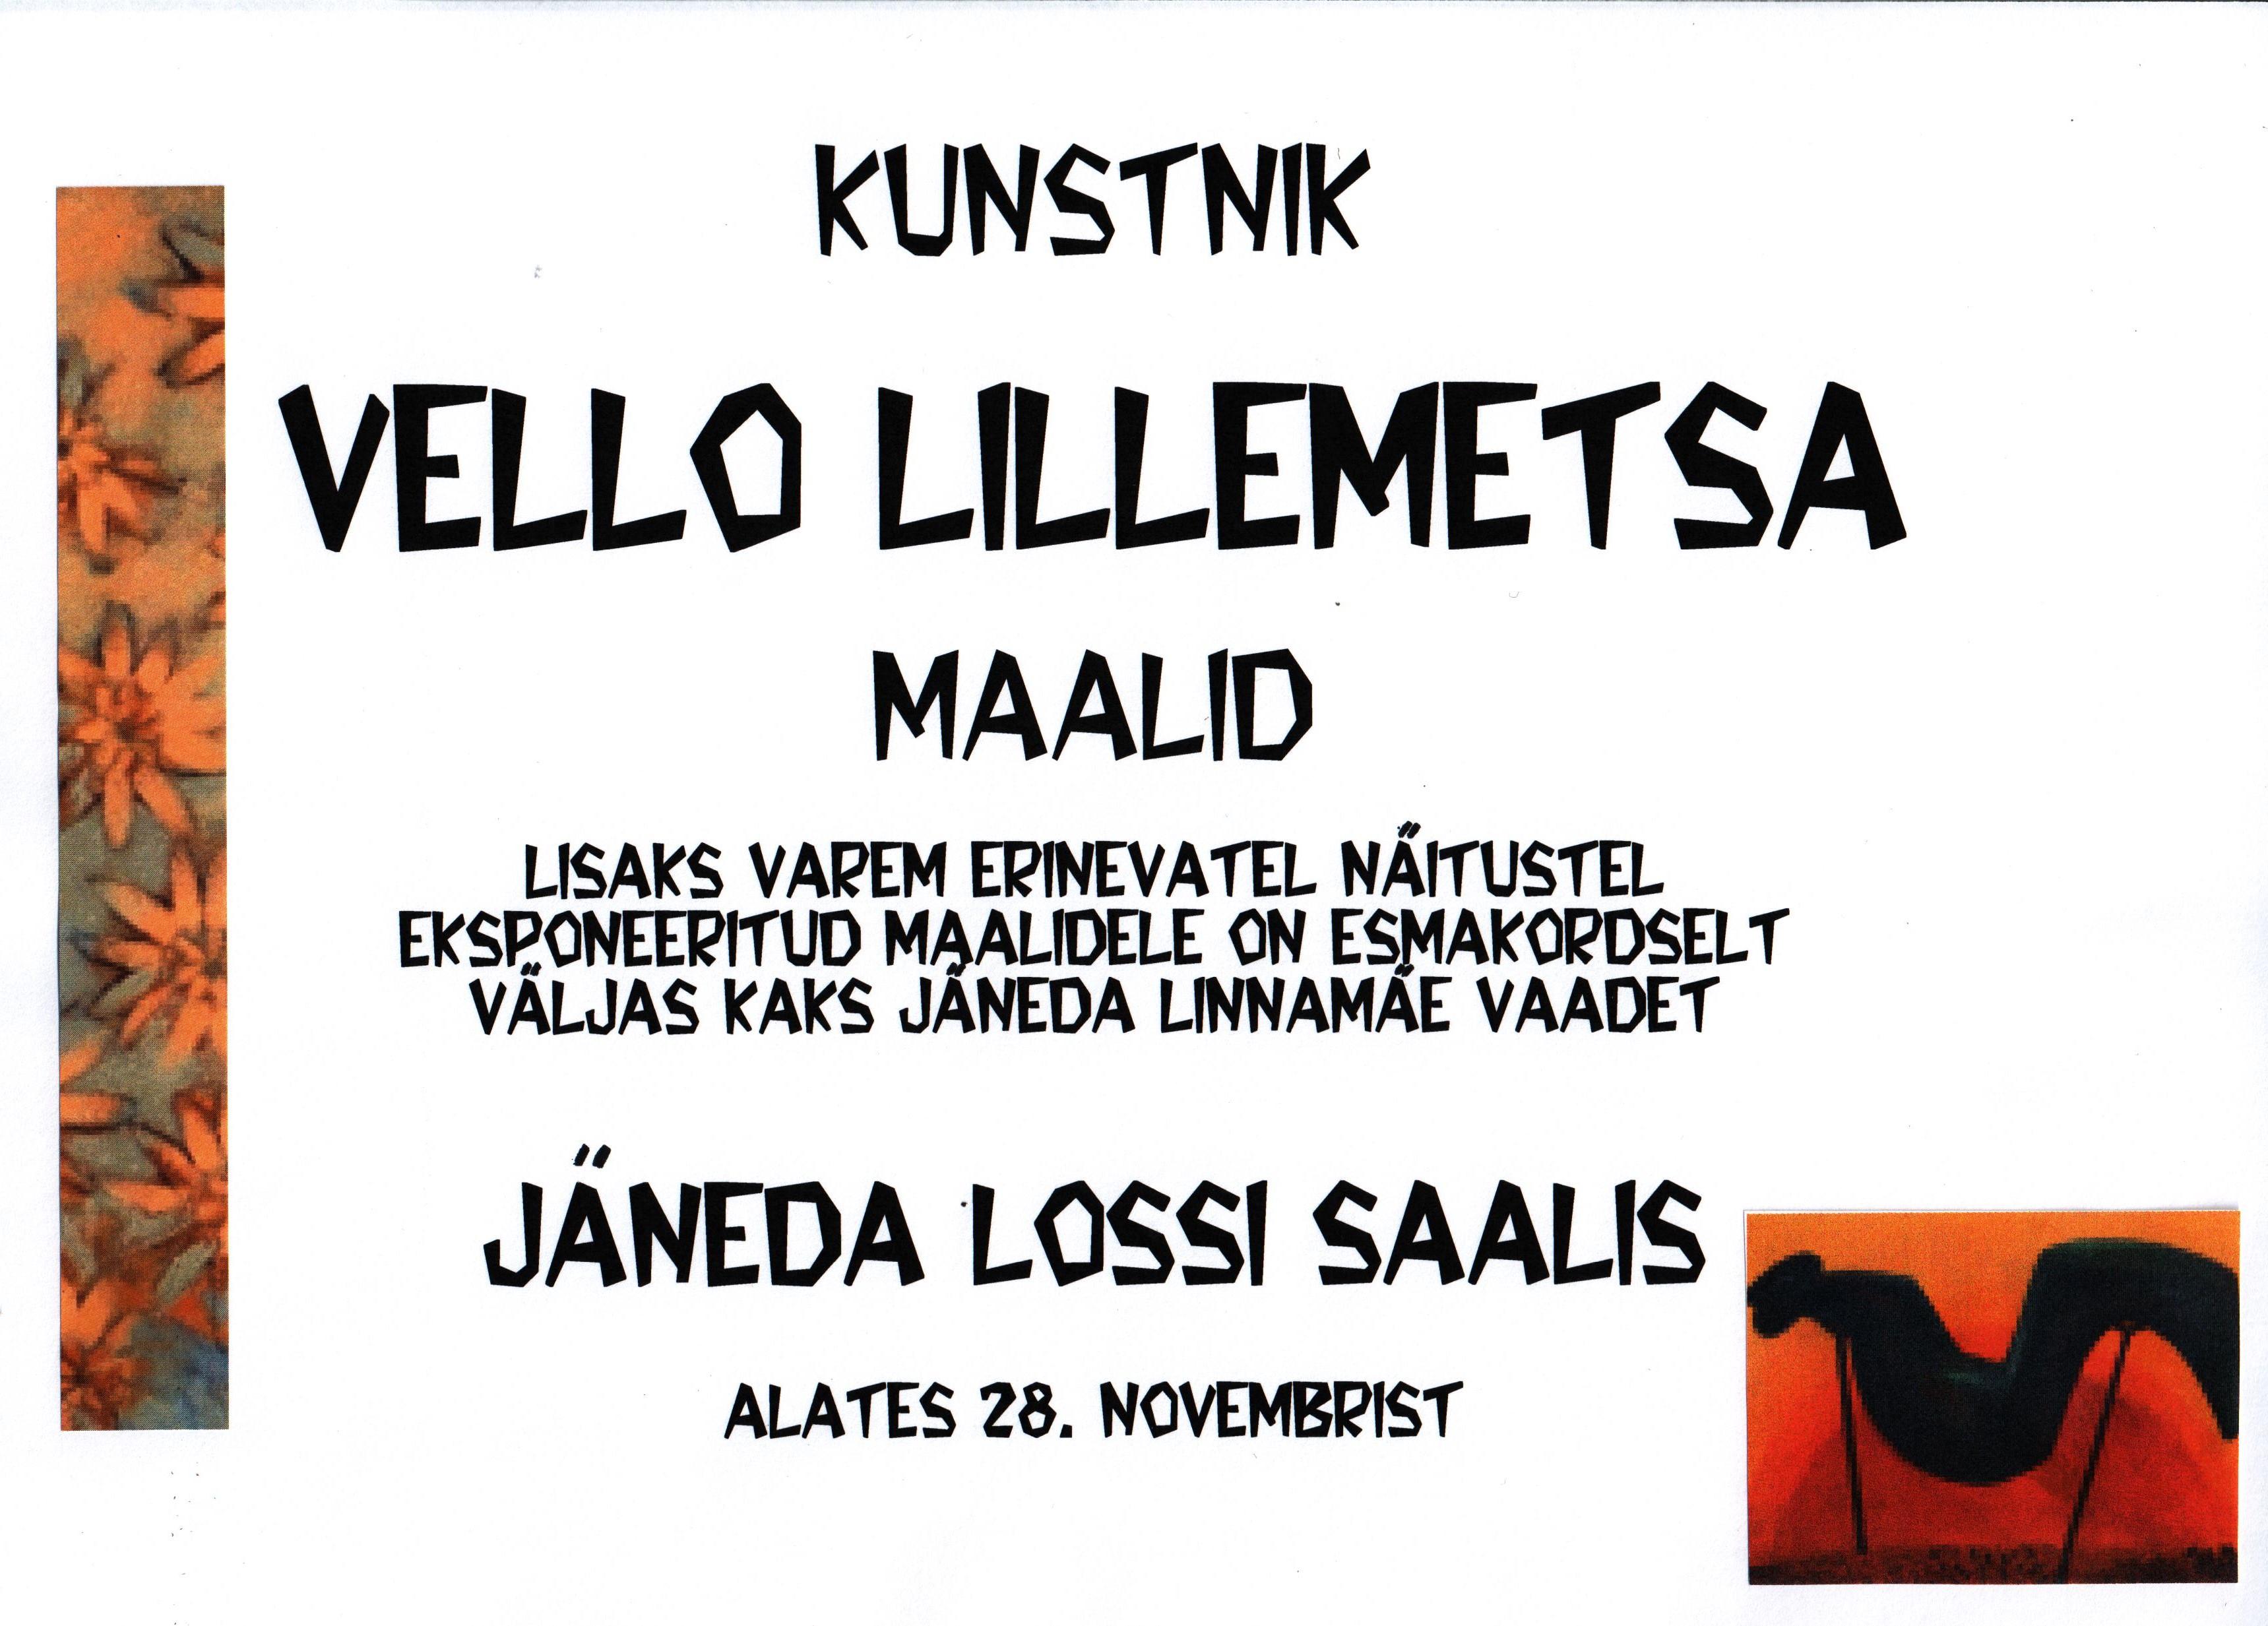 Kunstnik Vello Lillemetsa maalid Jäneda lossi saalis